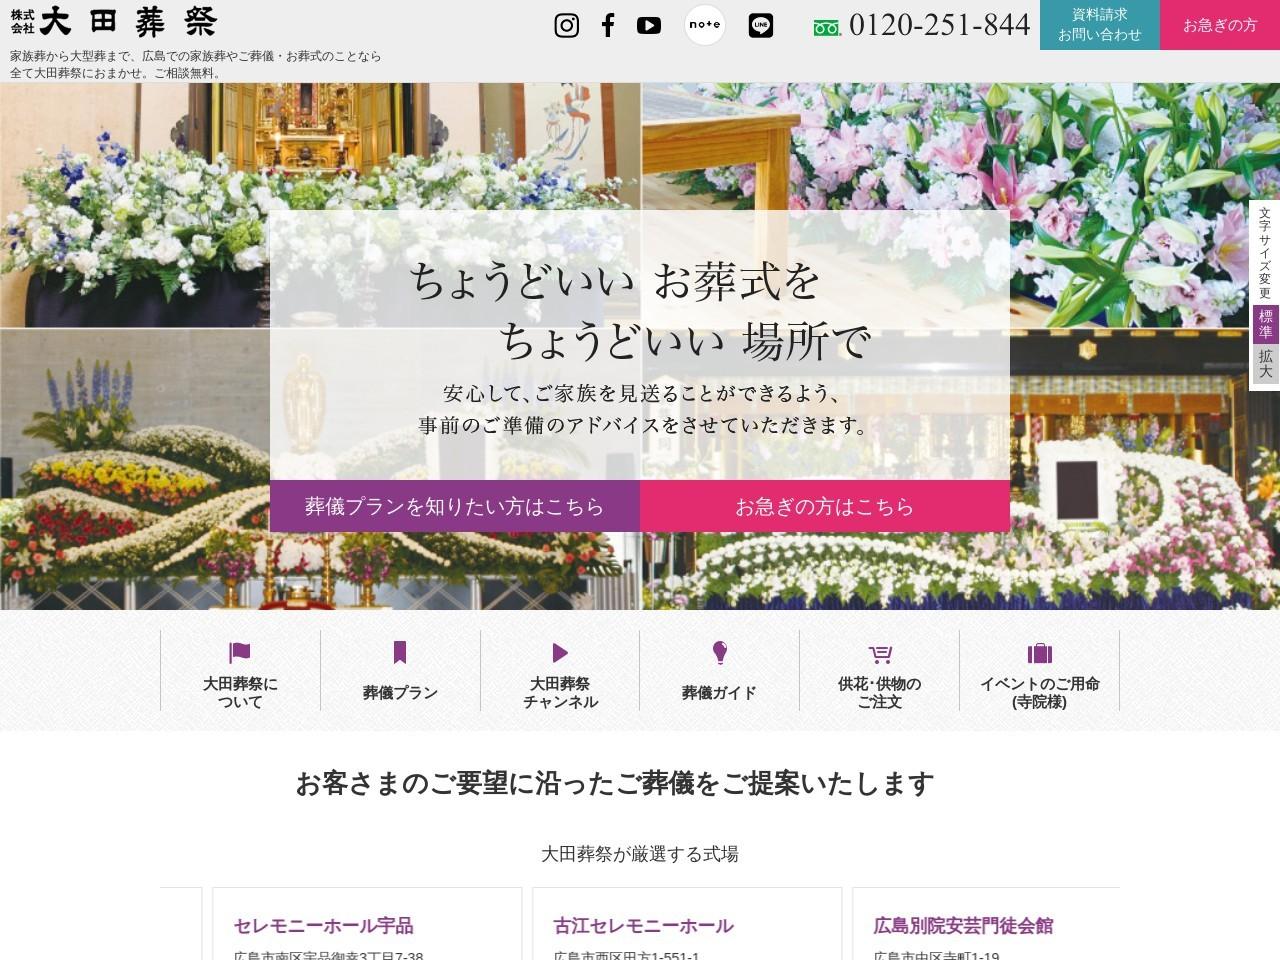 株式会社大田葬祭